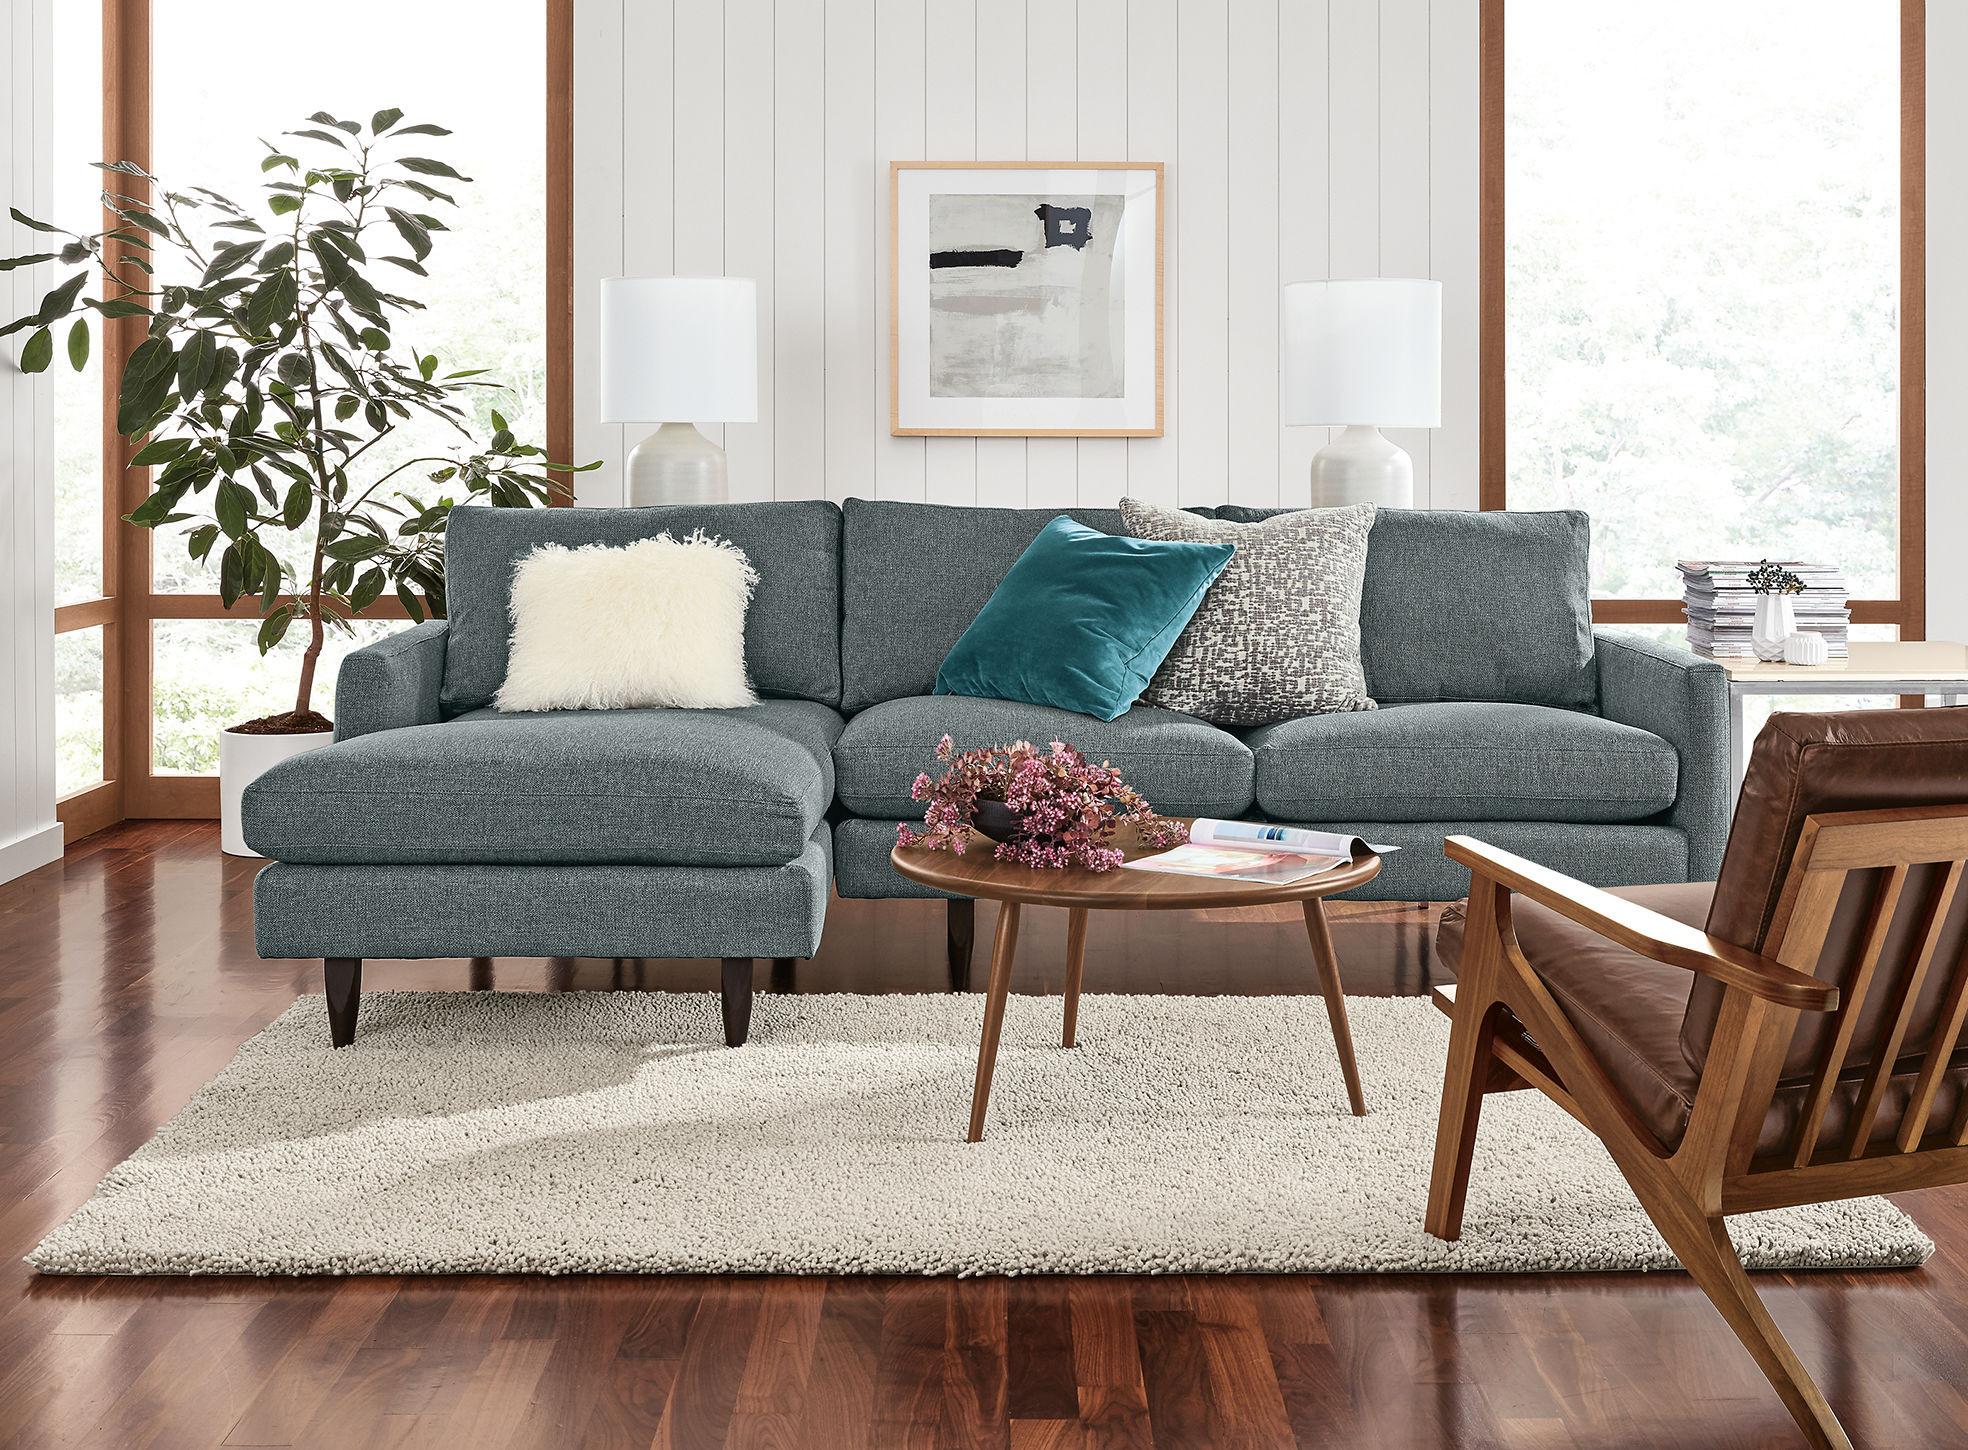 yorktown hardwood flooring toronto of modern living room furniture living room board pertaining to jasper 006514 18e g